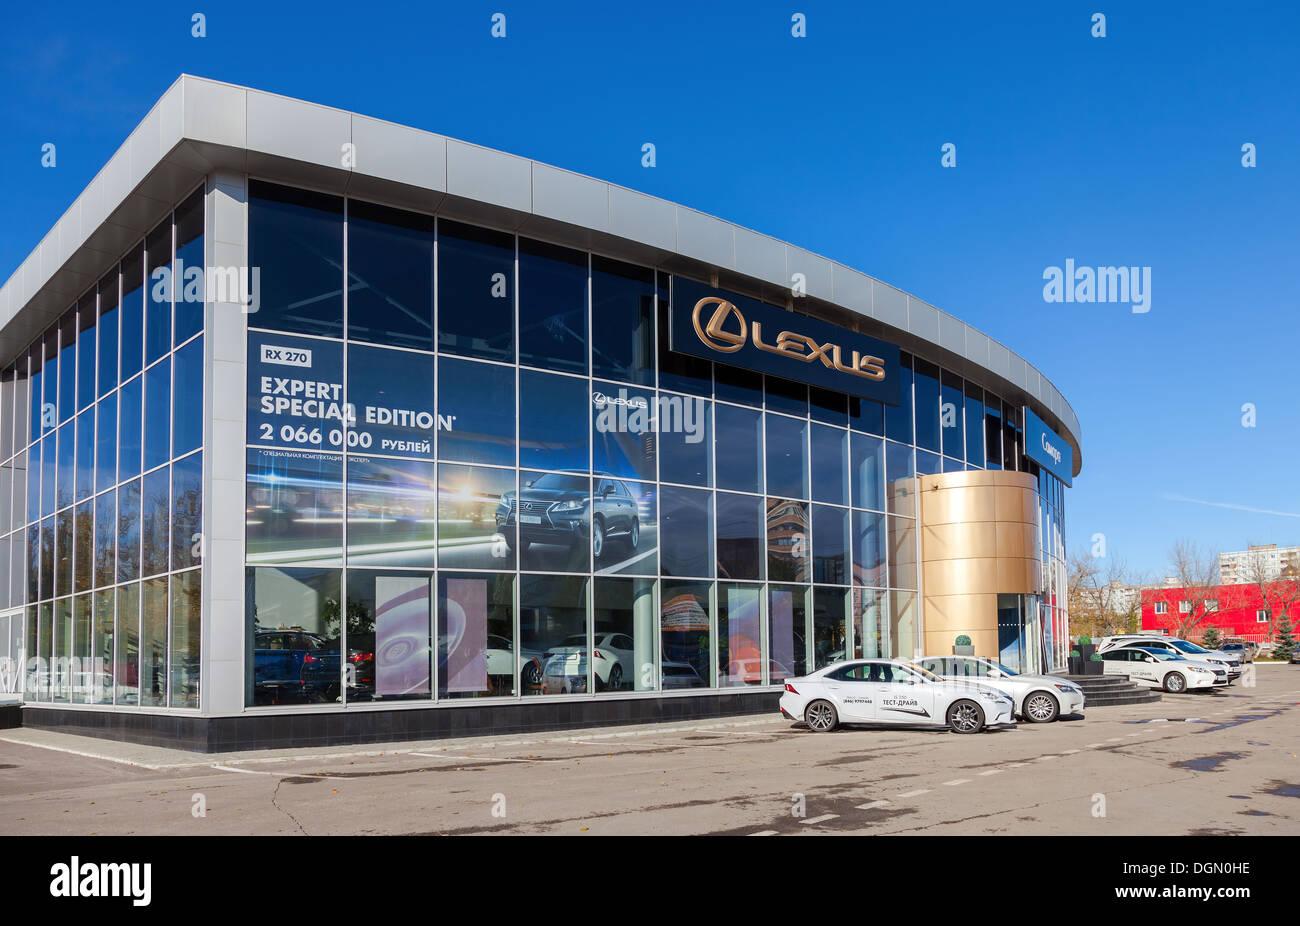 Lexus Dealers In Ohio >> Lexus Dealer Stock Photos Lexus Dealer Stock Images Alamy